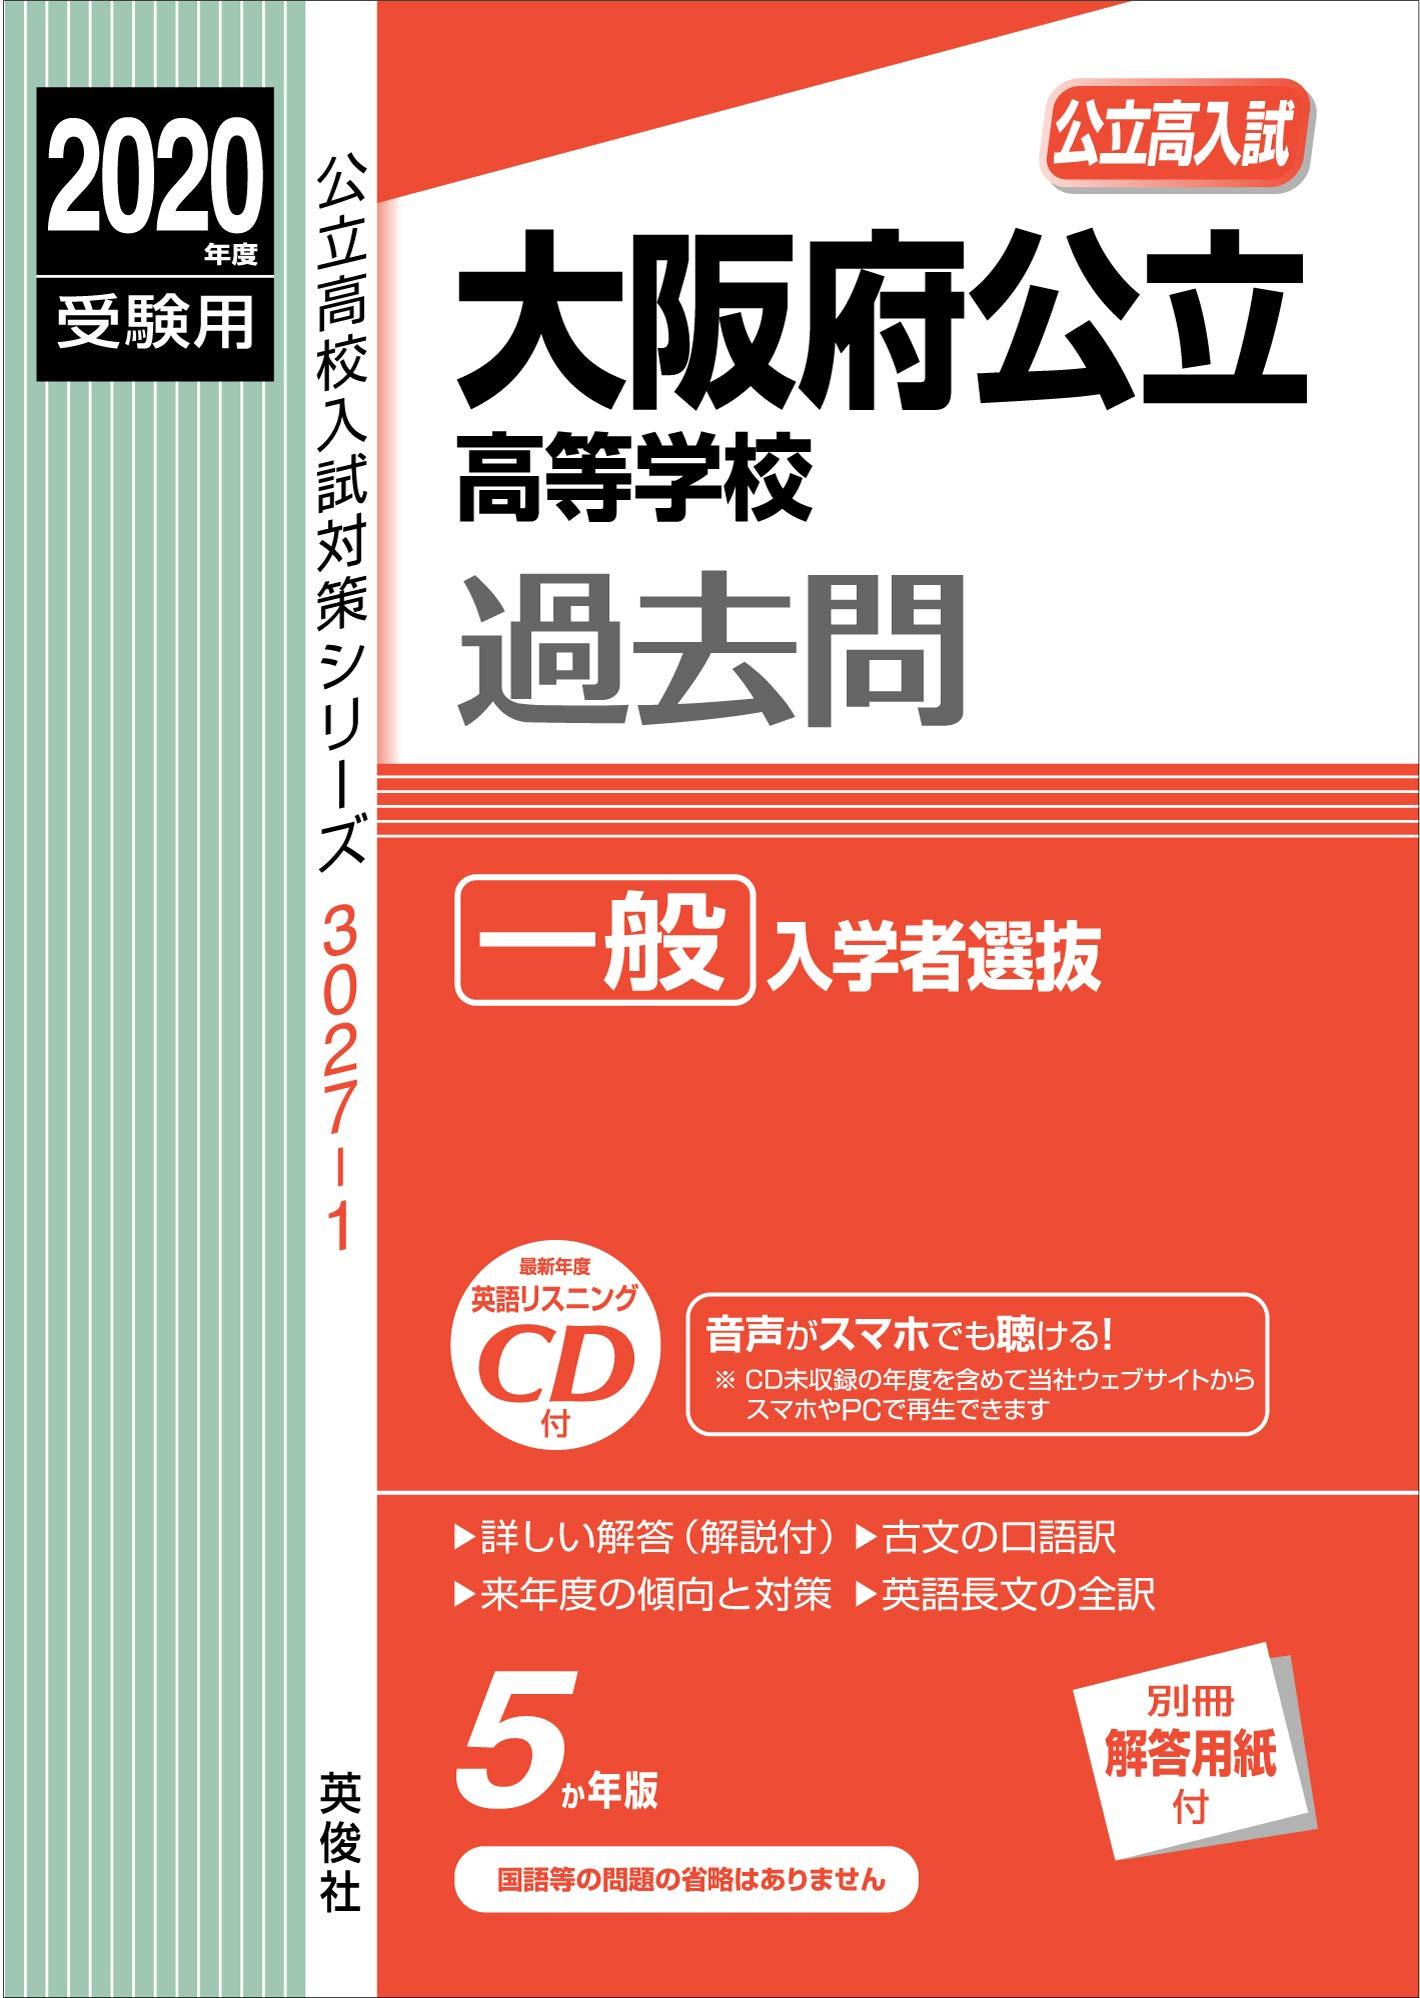 大阪府公立高等学校 一般入学者選抜 CD付 2020年度受験用 赤本 30271 ...